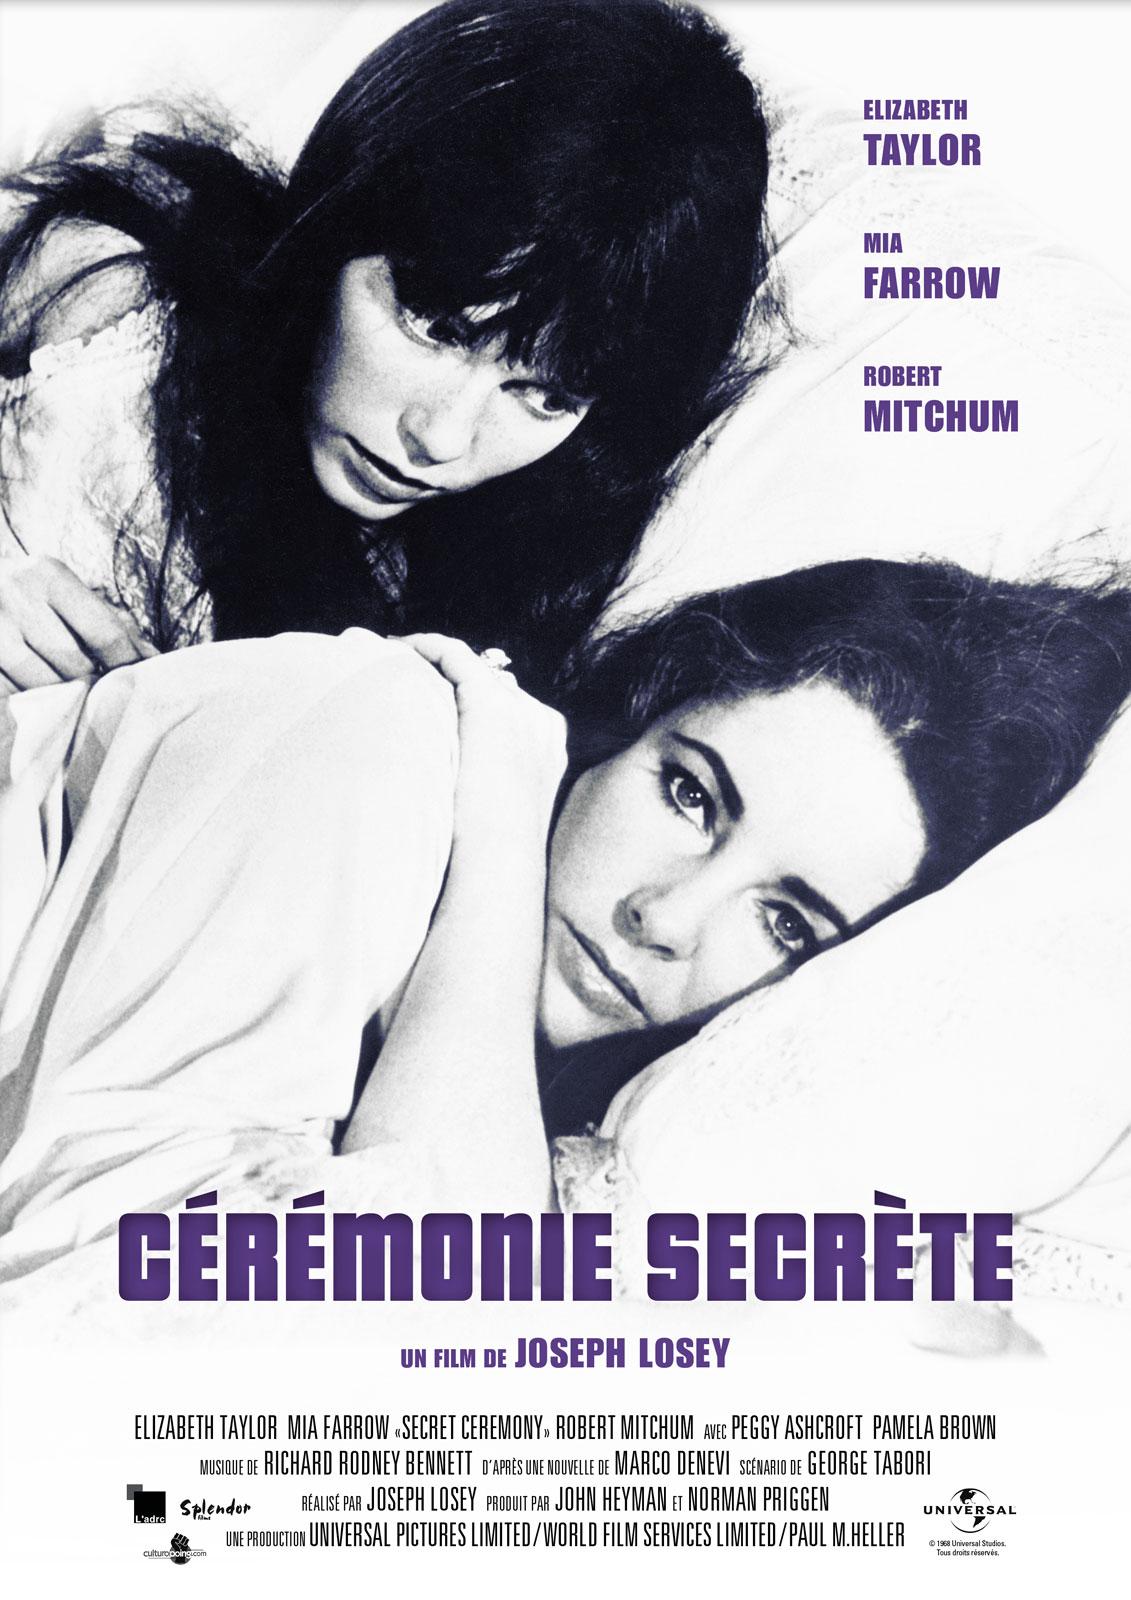 Cérémonie secrète